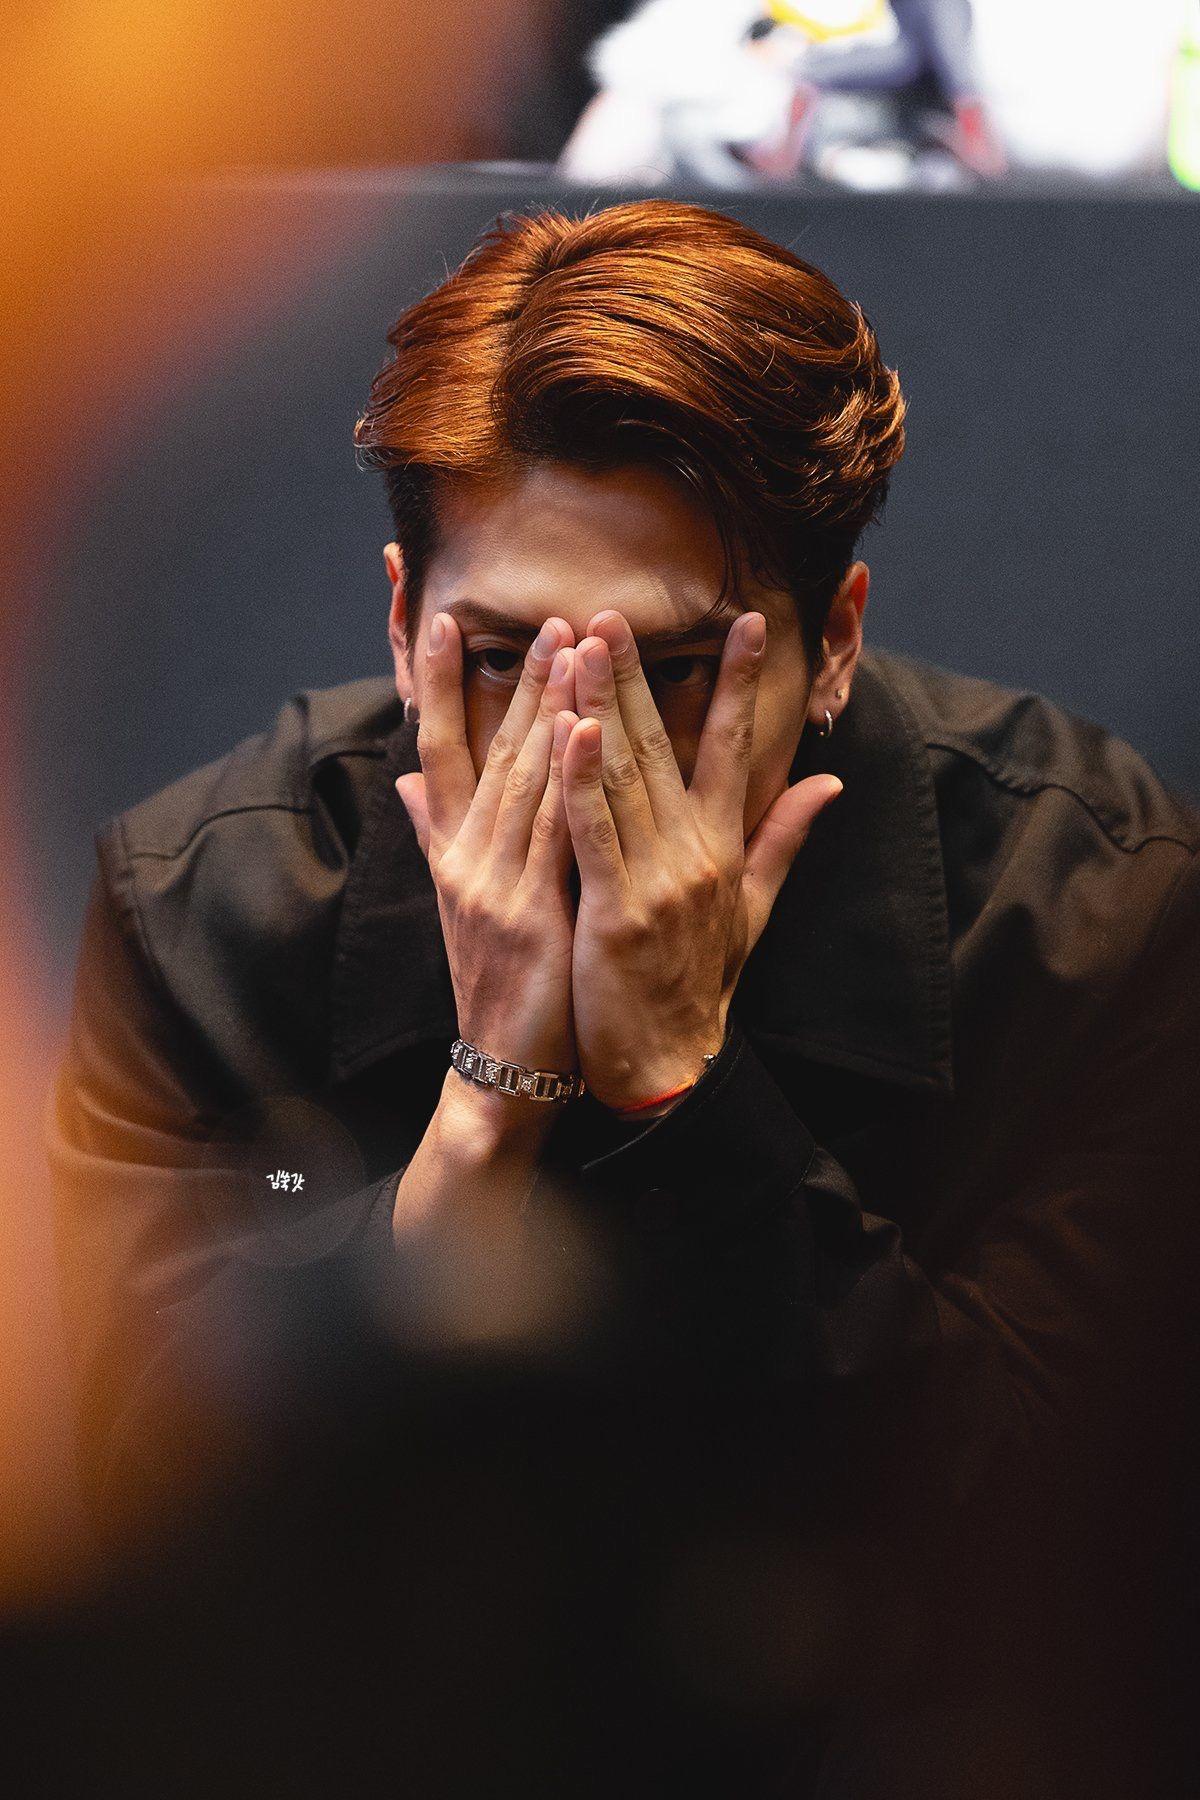 Pin by Taejacwon on Jackson wang   Got7 jackson, Mark